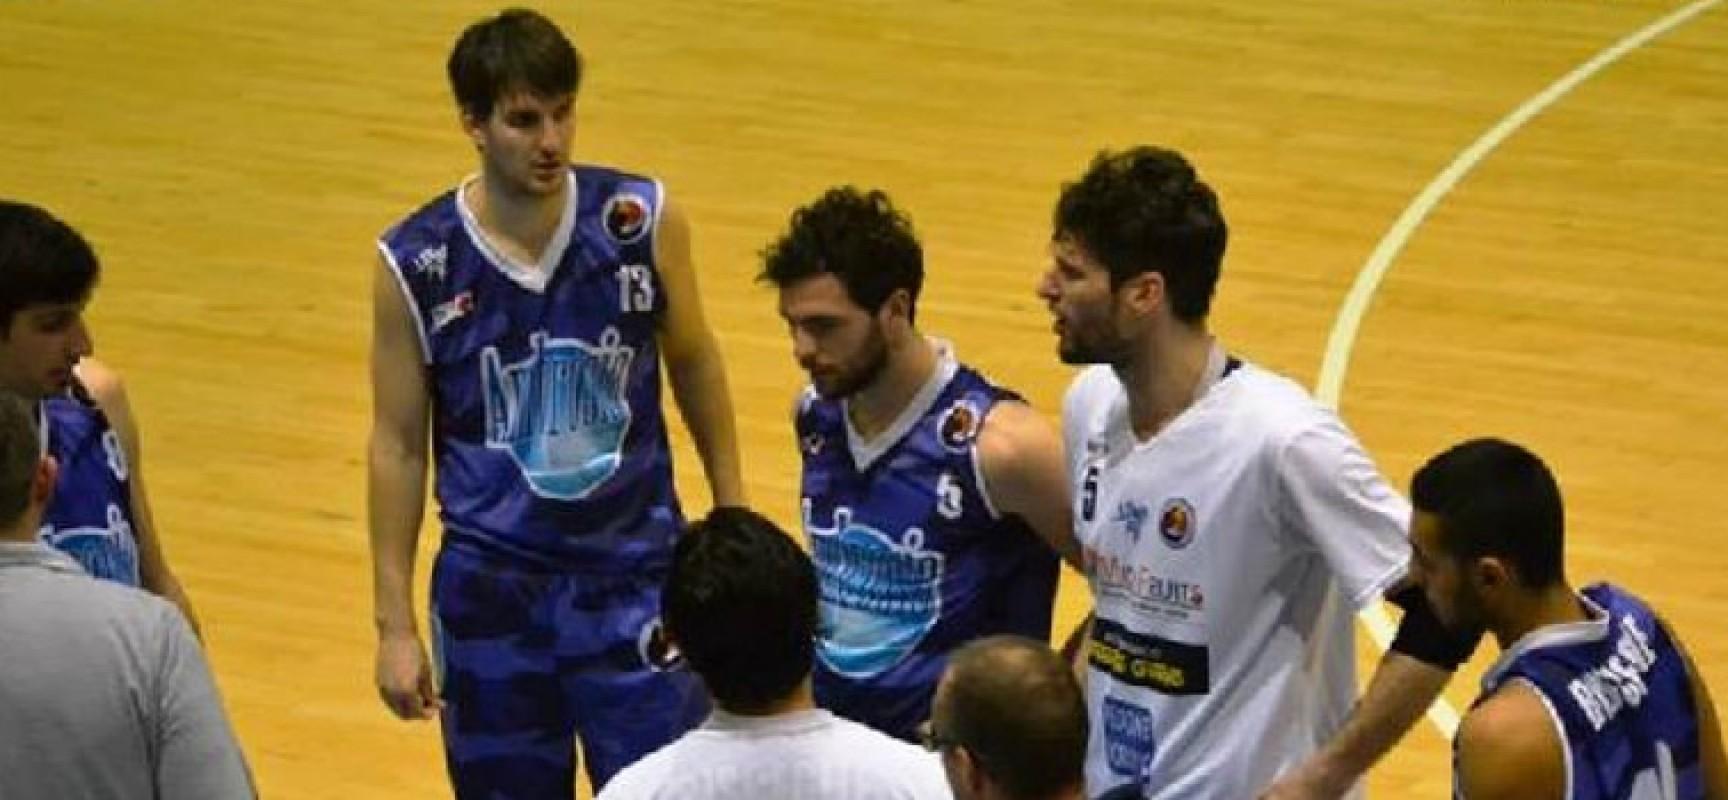 Playoff, rocambolesca sconfitta ad Agropoli per l'Ambrosia